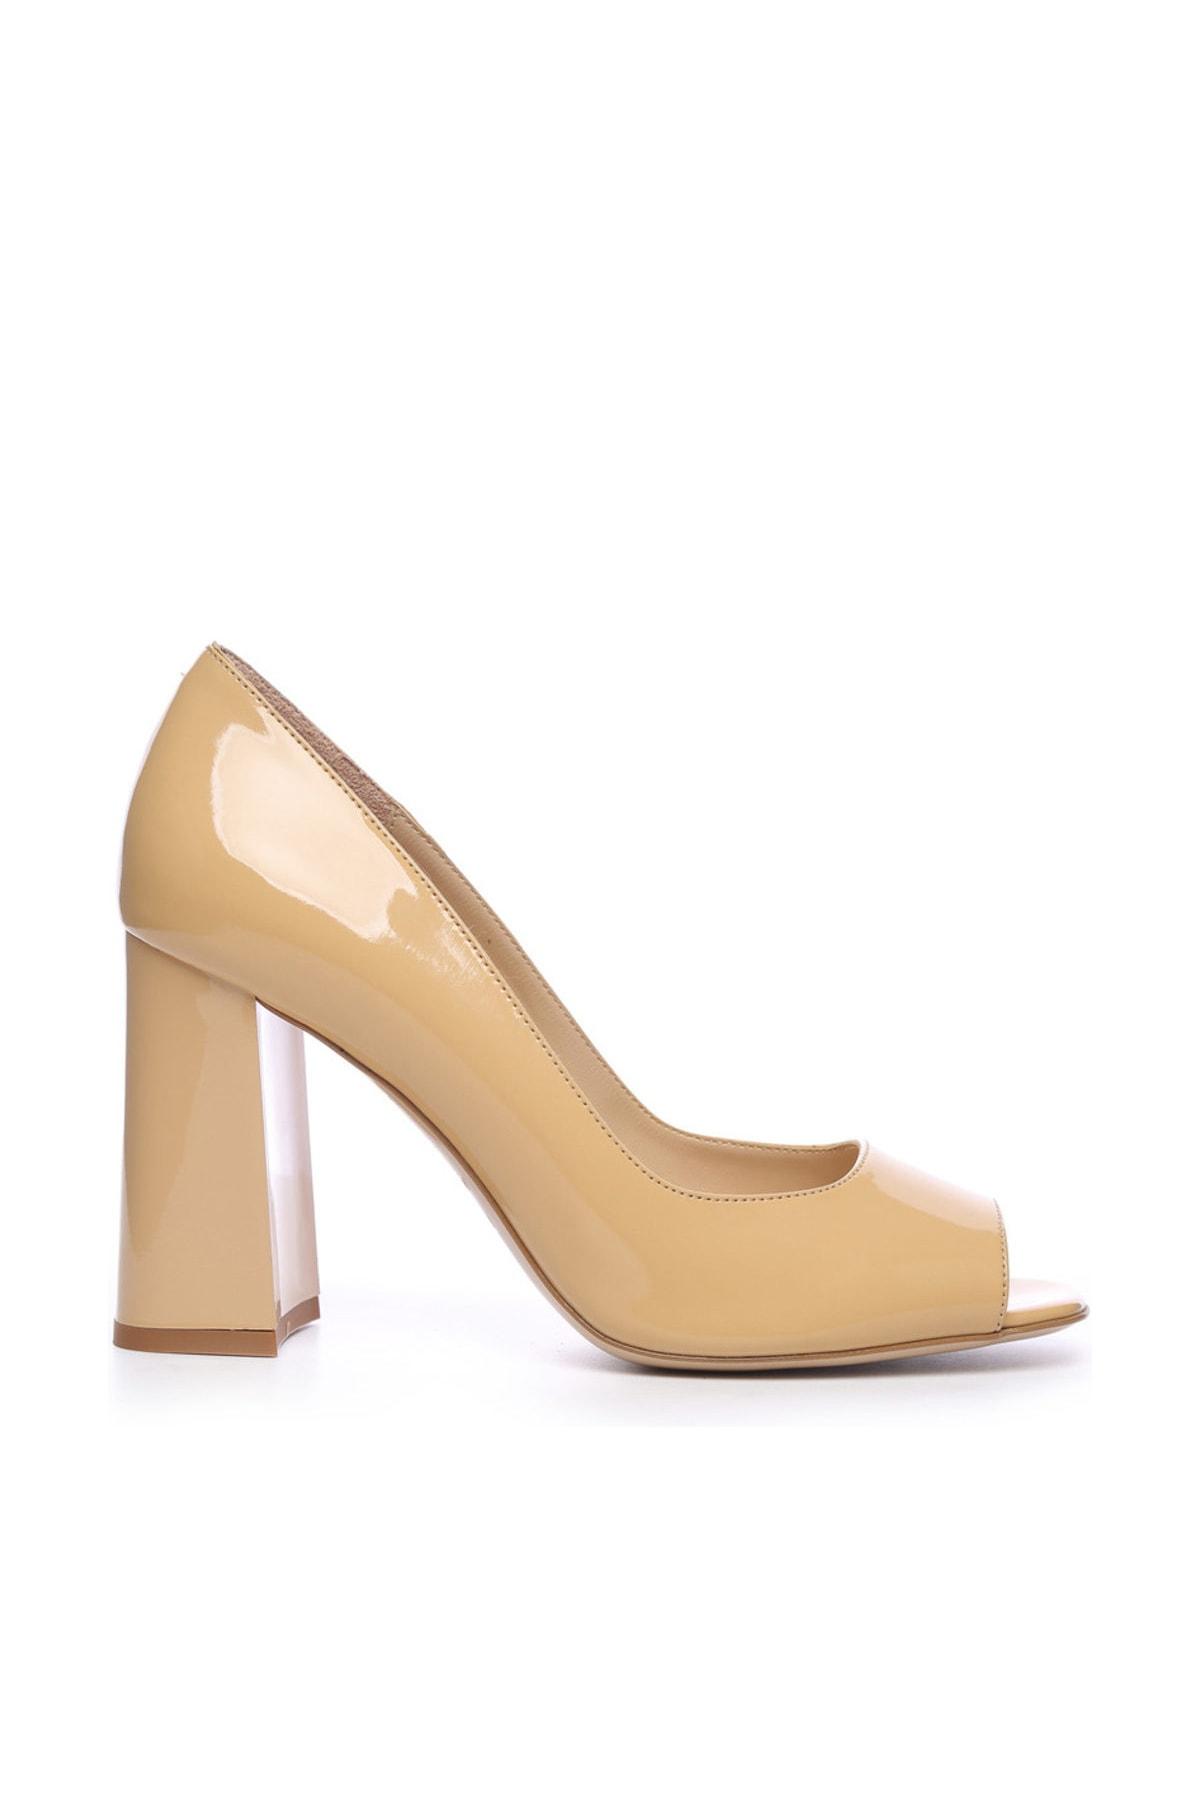 KEMAL TANCA Hakiki Deri Sarı Kadın Kalın Topuklu Ayakkabı 613 23532 BN AYK 1